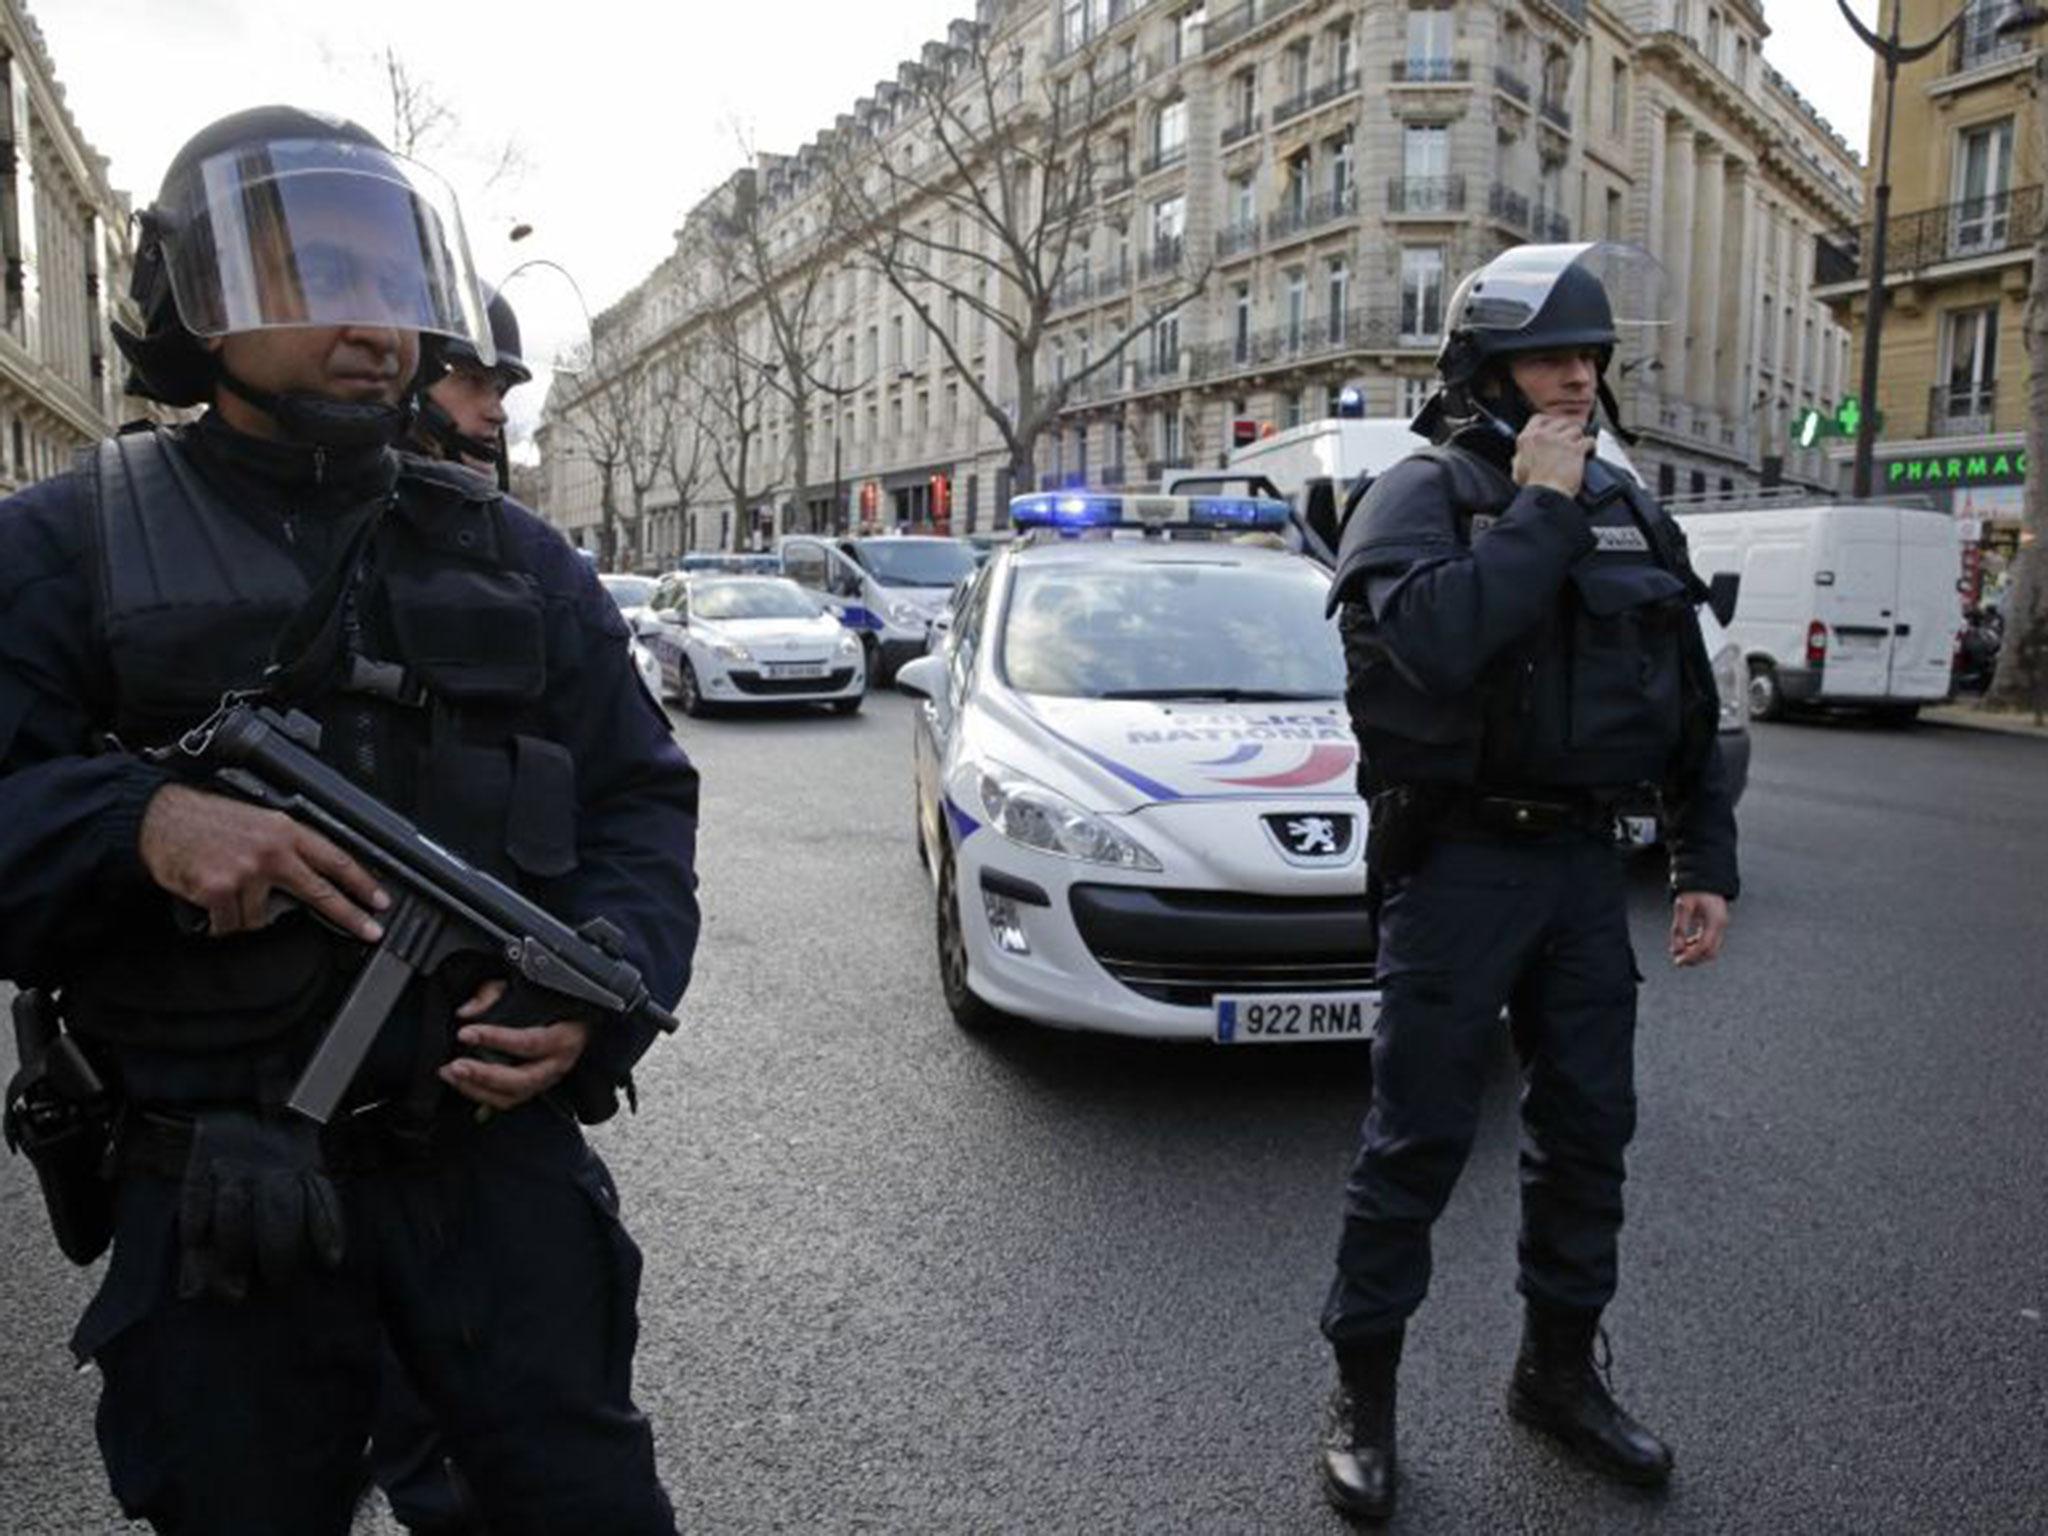 فرانس میں 23 اپریل کو صدارتی انتخابات کے موقع پر دہشت گردی  کی کوشش انسداد دہشت گردی سیل  نے ناکام بنا دی